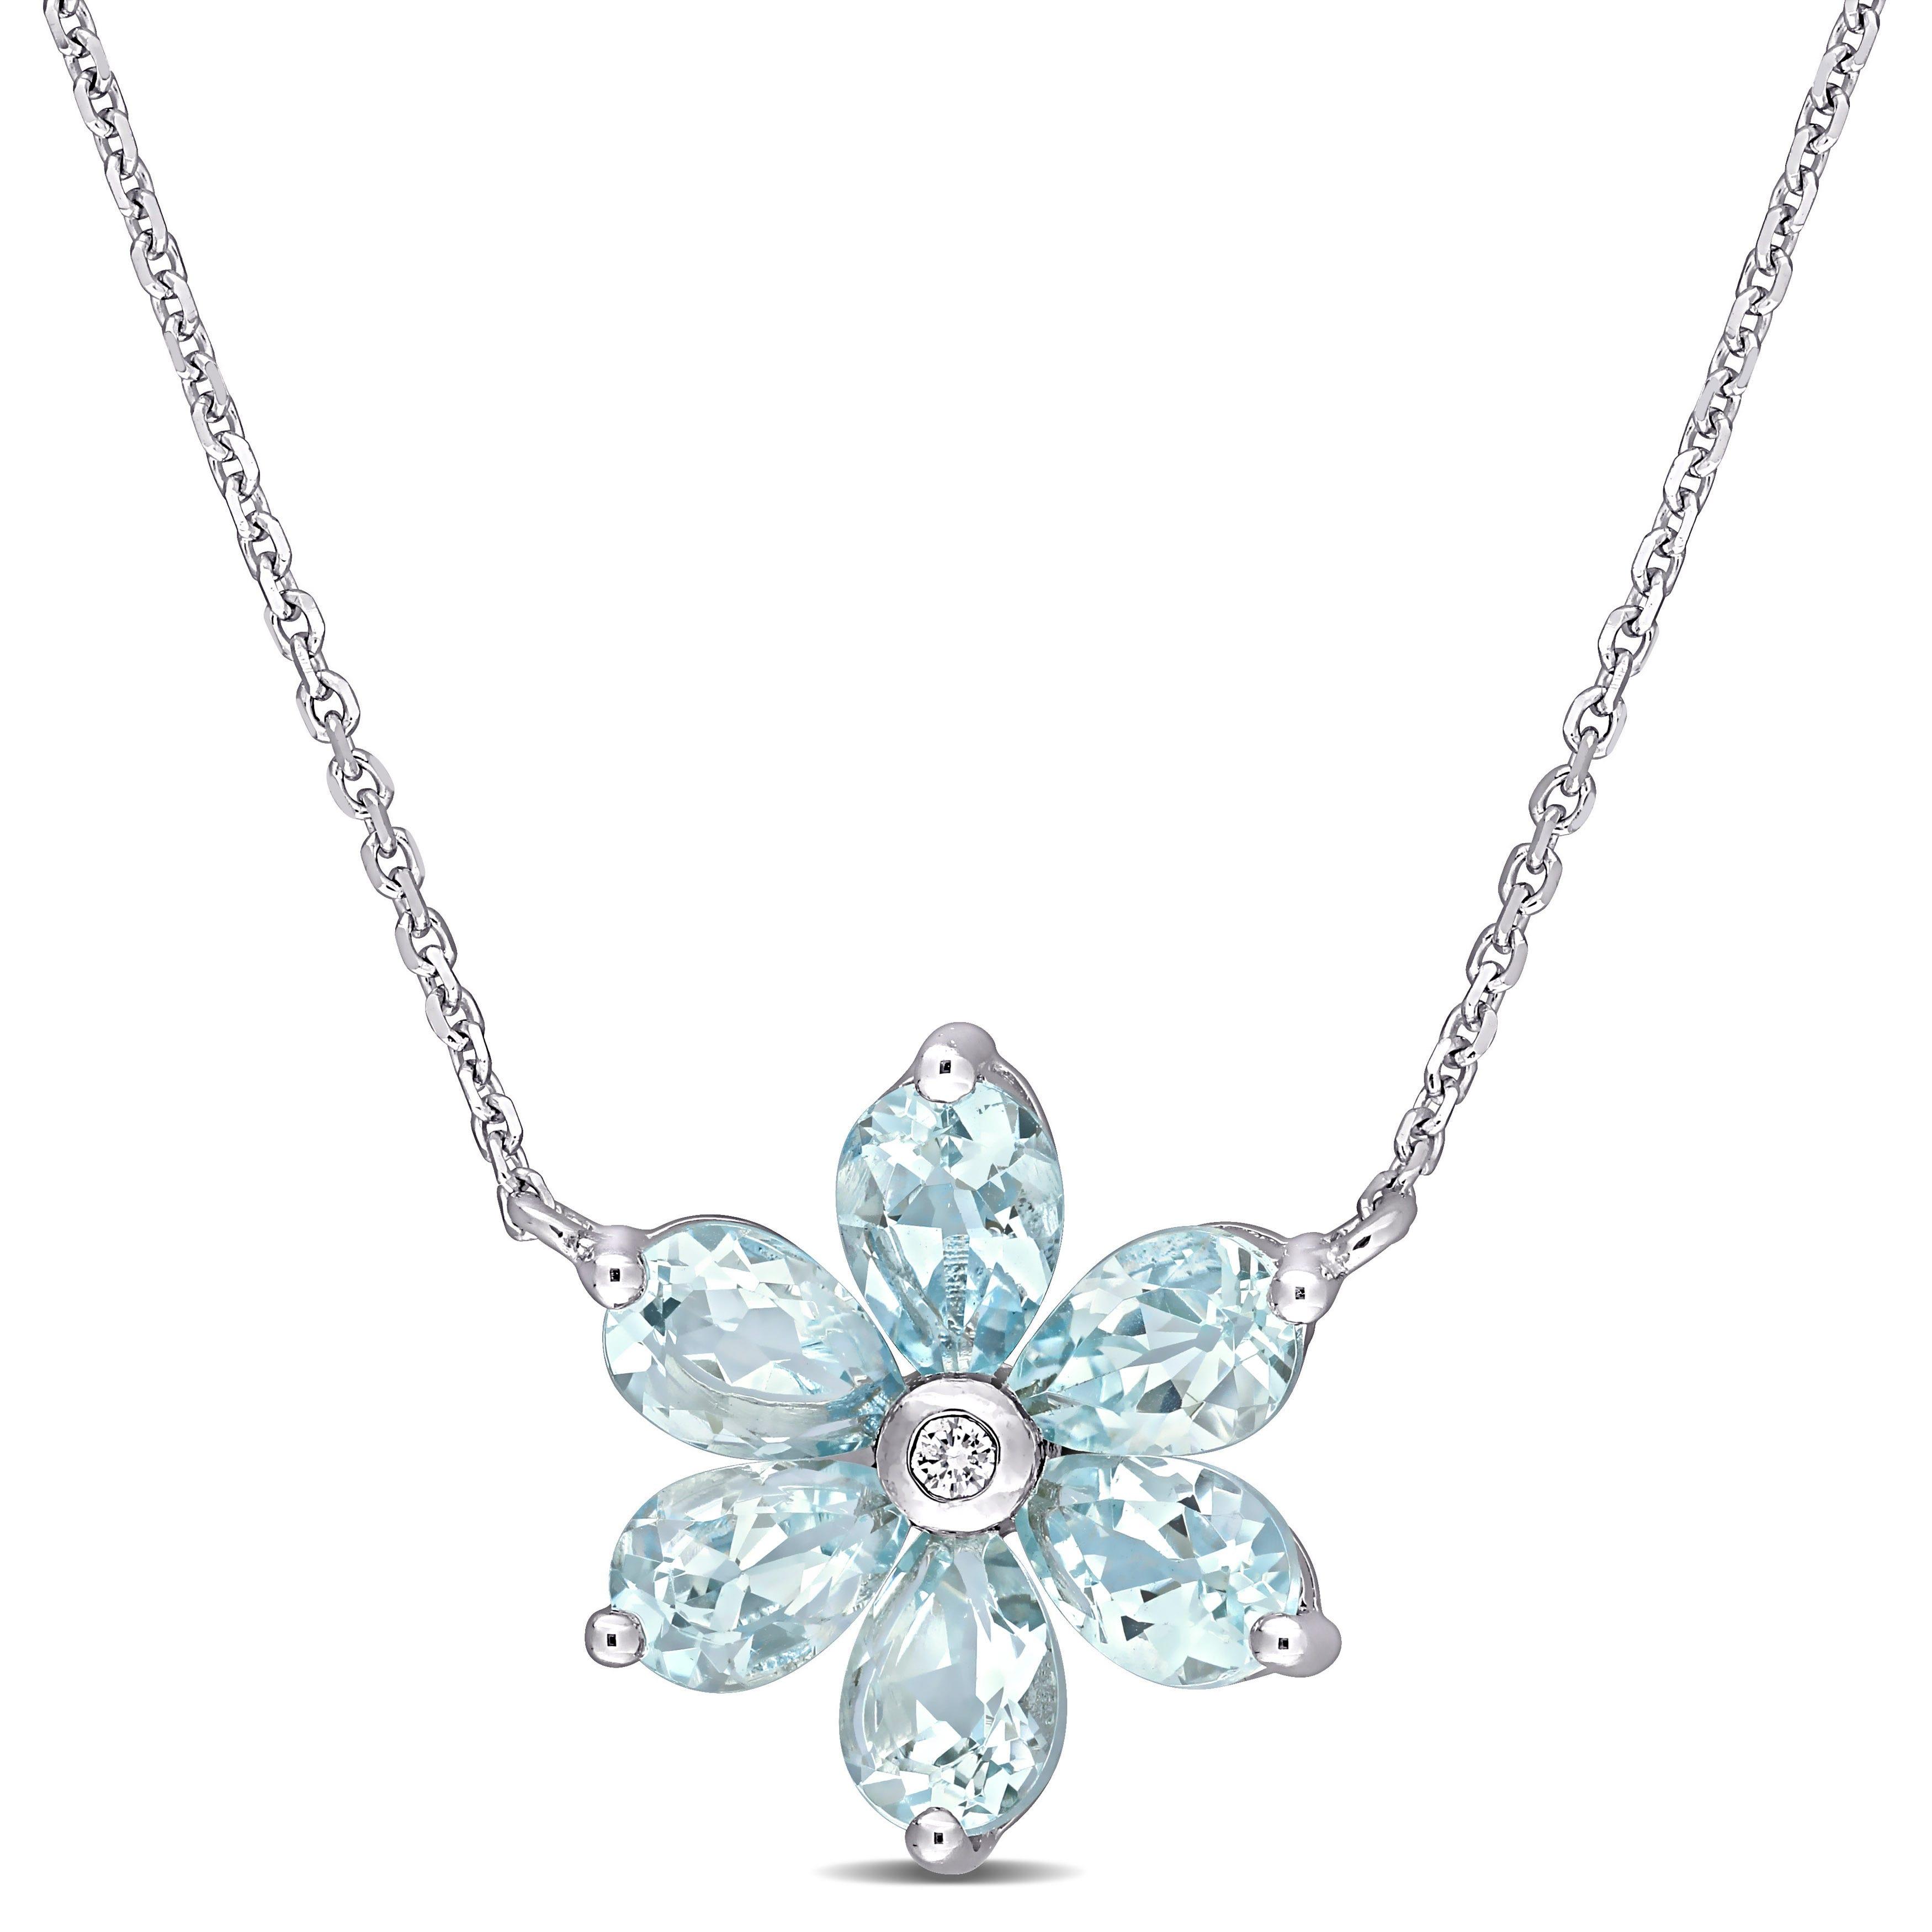 Aquamarine & Diamond Floral Pendant in 14k White Gold